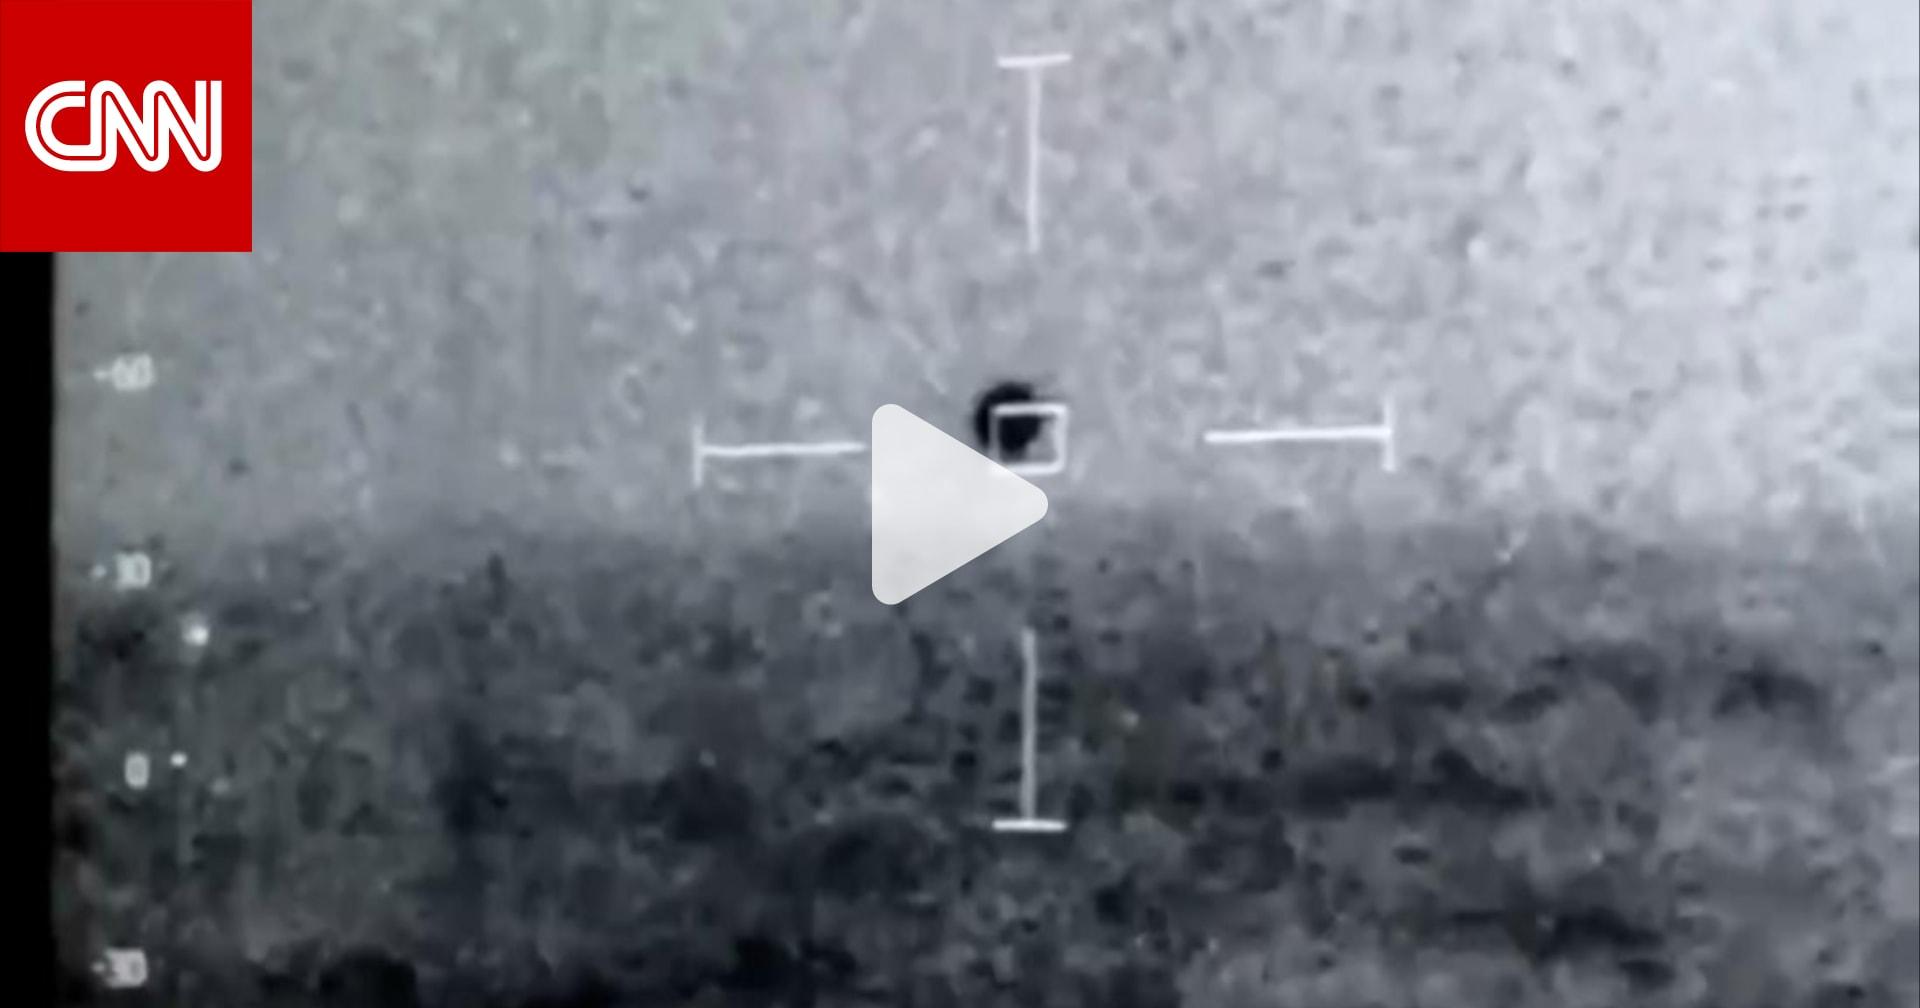 مقطع فيديو مسرب حديثاً يظهر اختفاء جسم طائر غامض في المياه